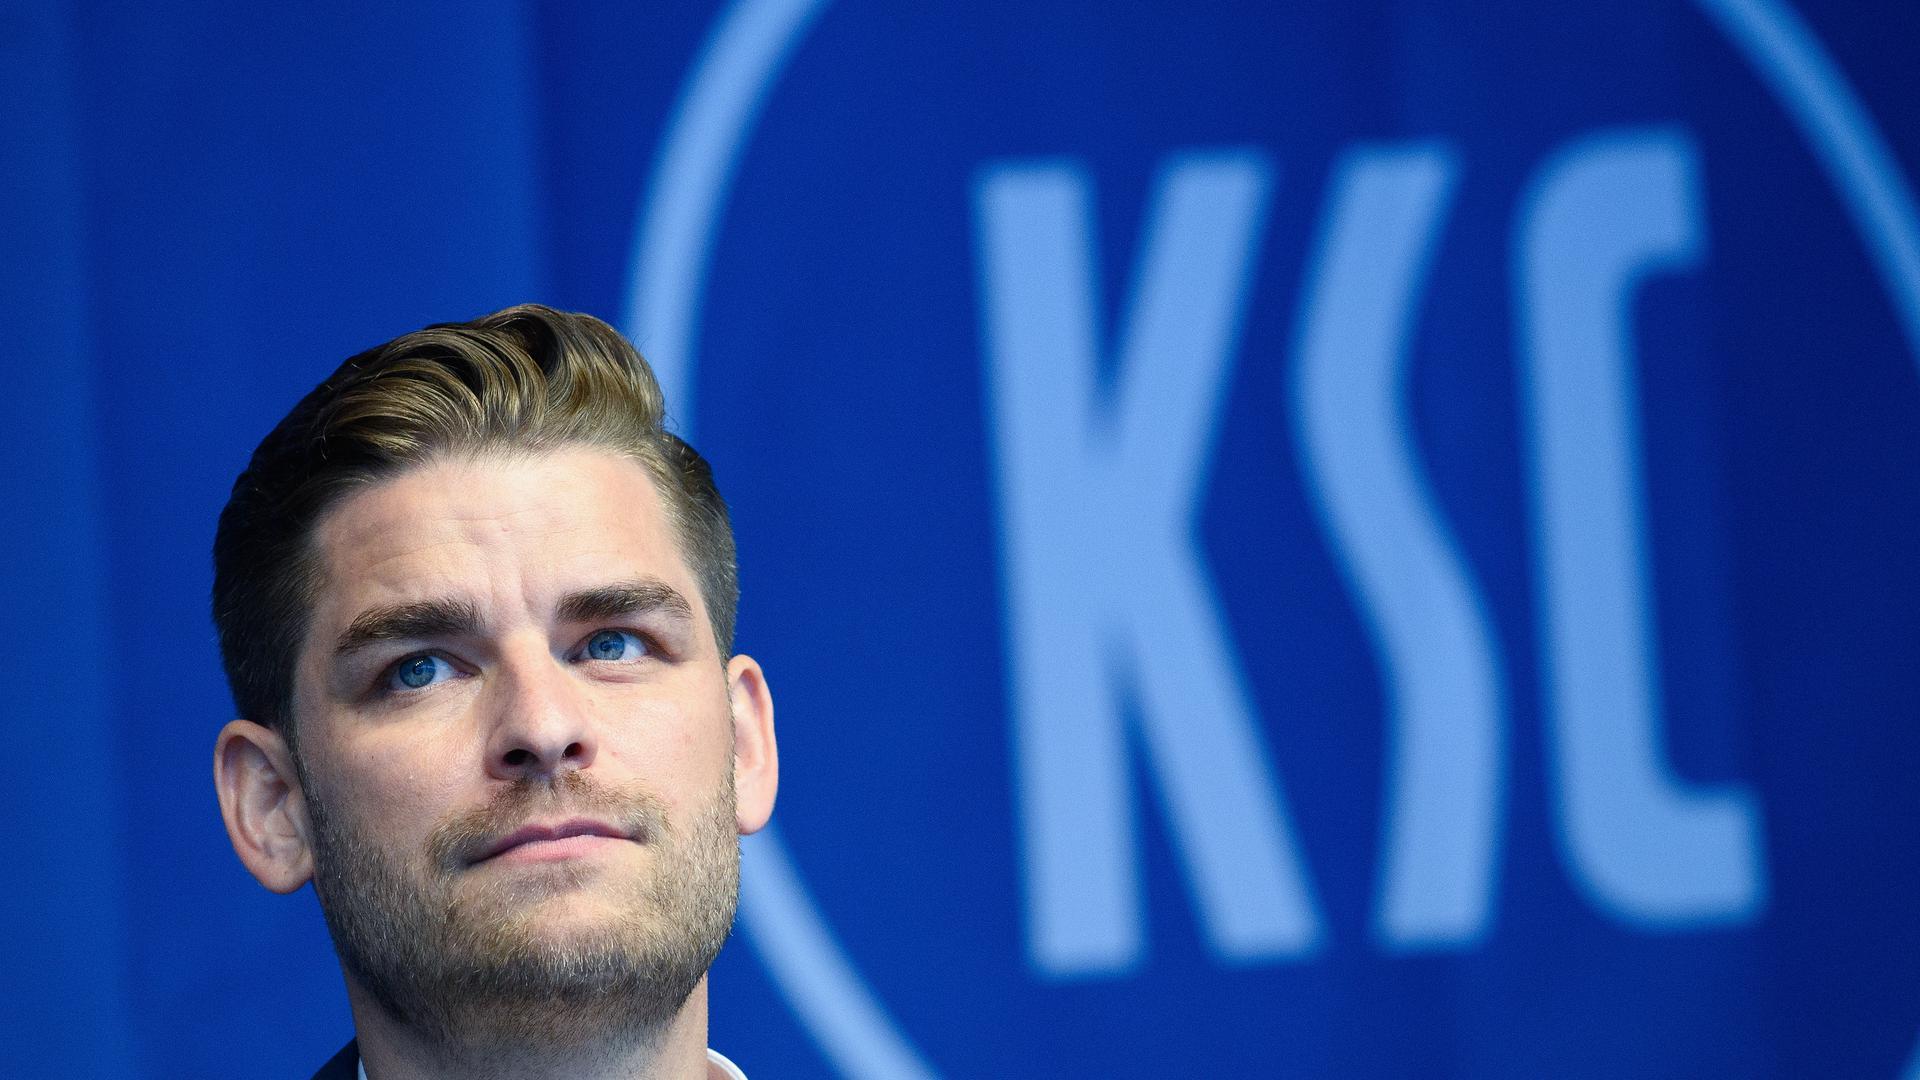 Michael Becker (Geschäftsfuehrer Karlsruher Sport-Club Muehlburg-Phoenix GmbH & Co. KGaA).  GES/ Fussball/ 2. Bundesliga: Karlsruher SC, Pressekonferenz Haupt- und Brustsponsor CG Elementum, 05.07.2021